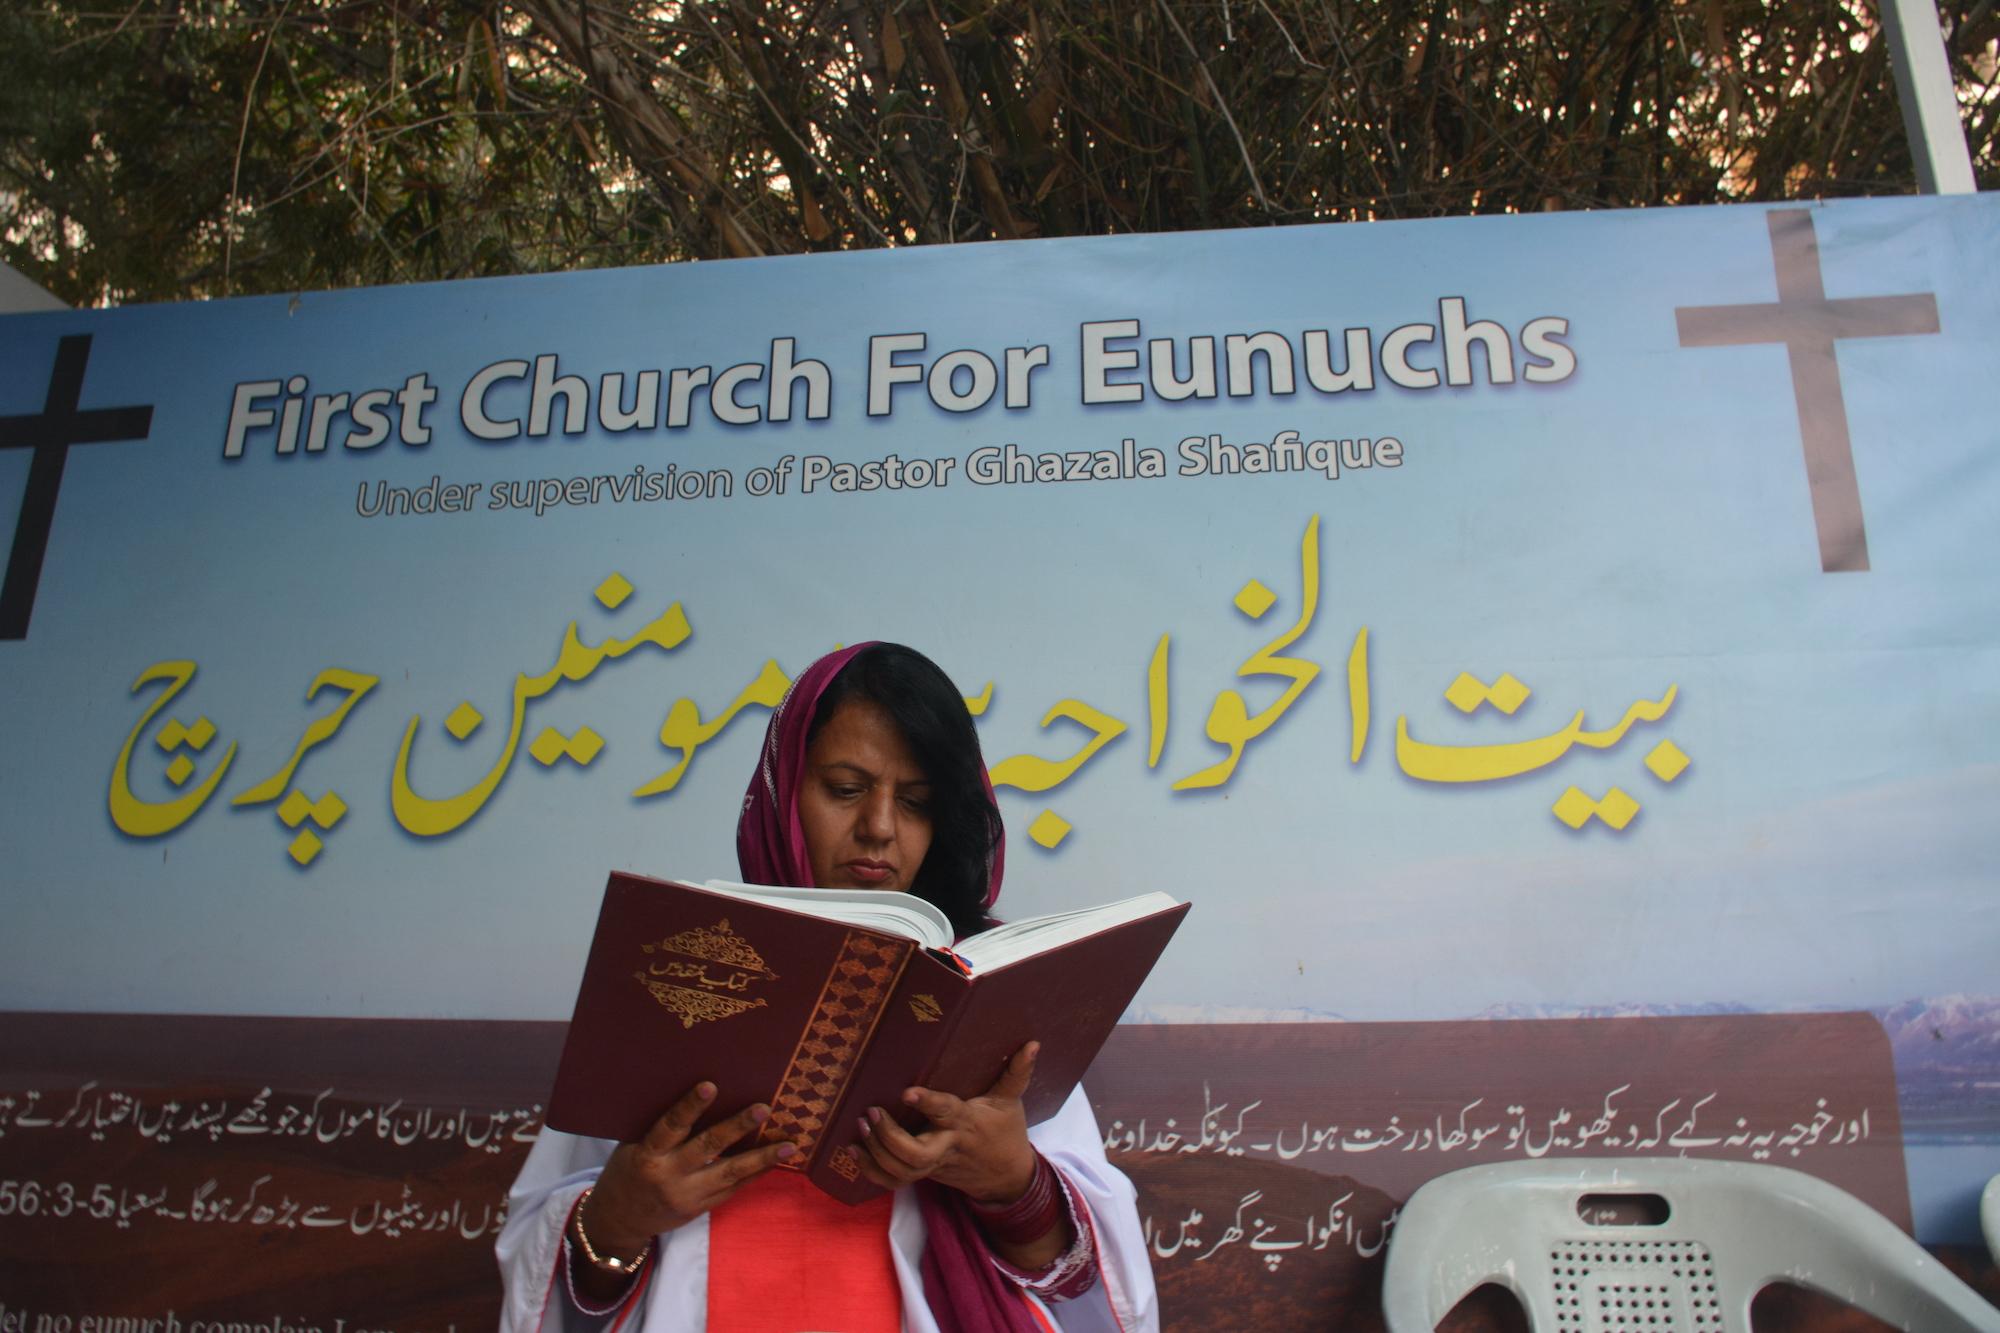 Pendeta Ghazala Shafique membaca alkitab berbahasa Urdu di gereja Karachi.